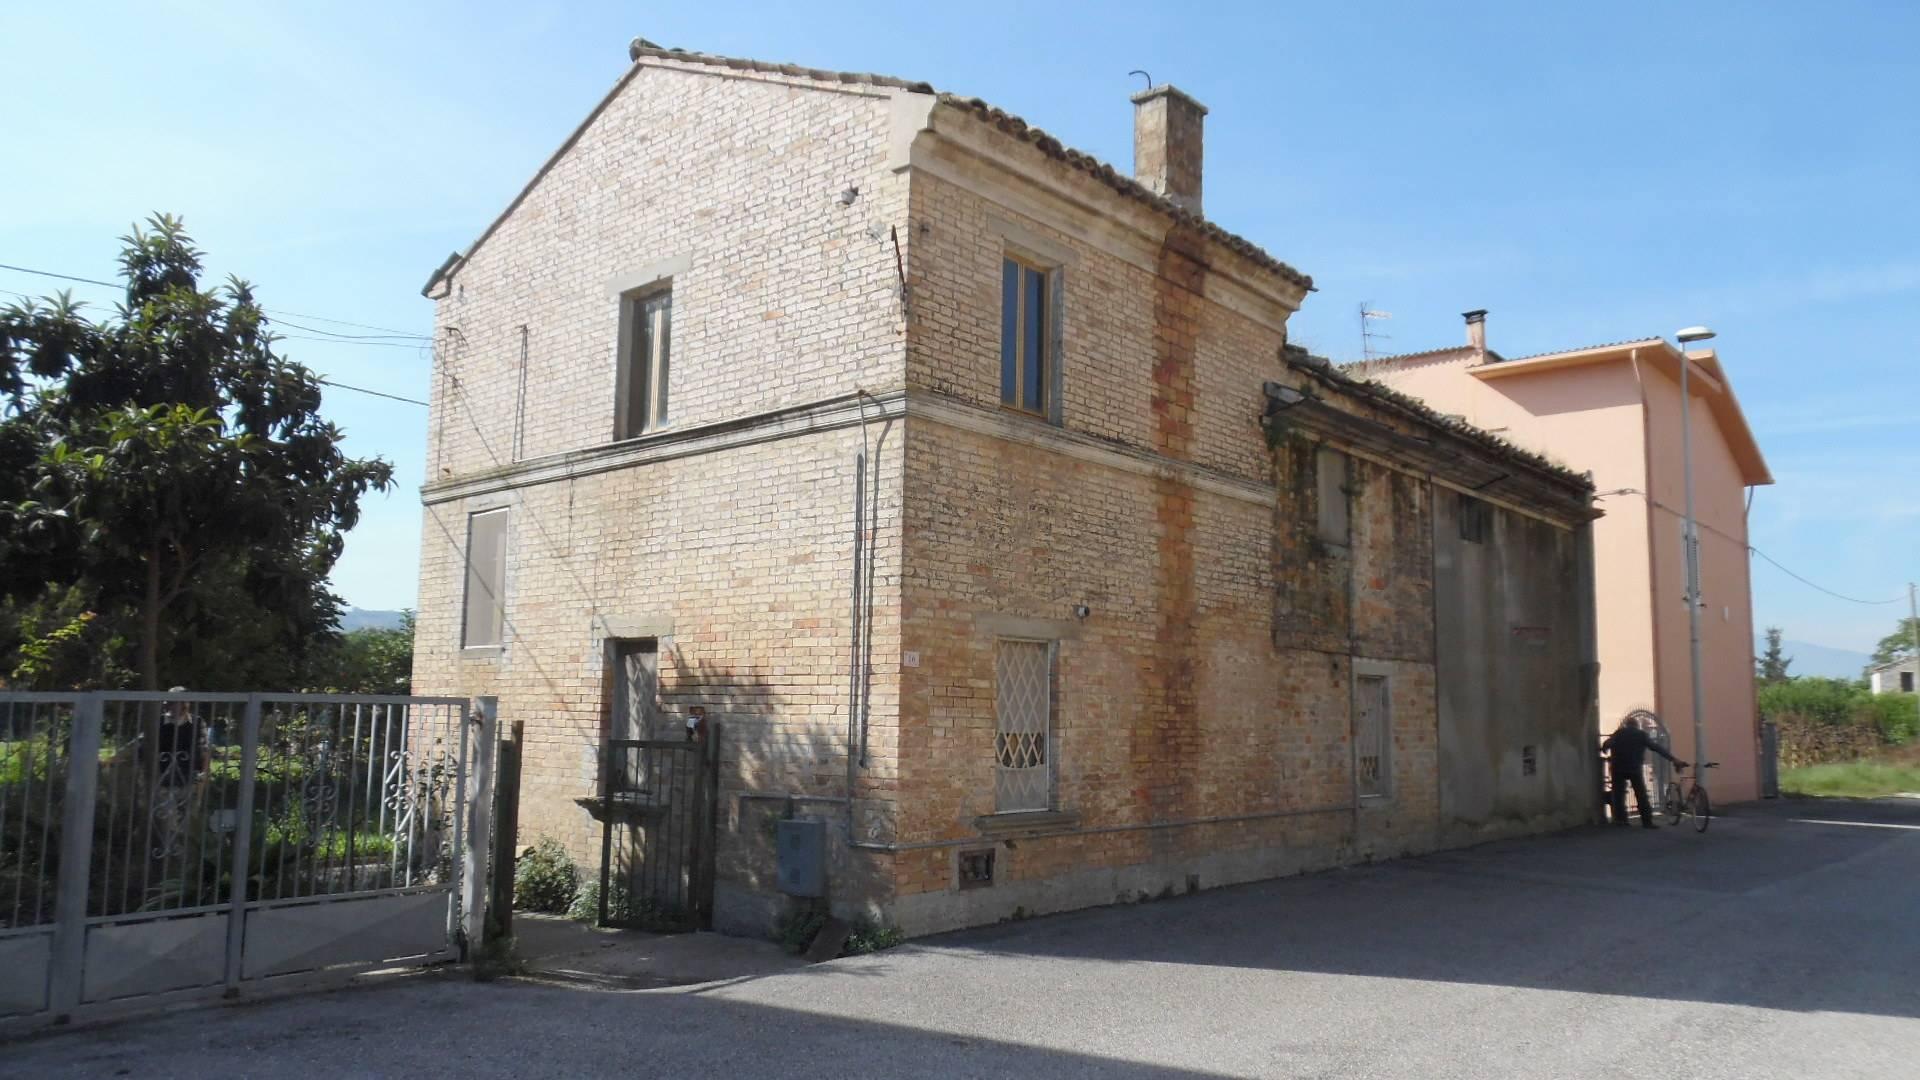 Soluzione Indipendente in vendita a Monteprandone, 6 locali, zona Zona: Centobuchi, prezzo € 95.000 | CambioCasa.it